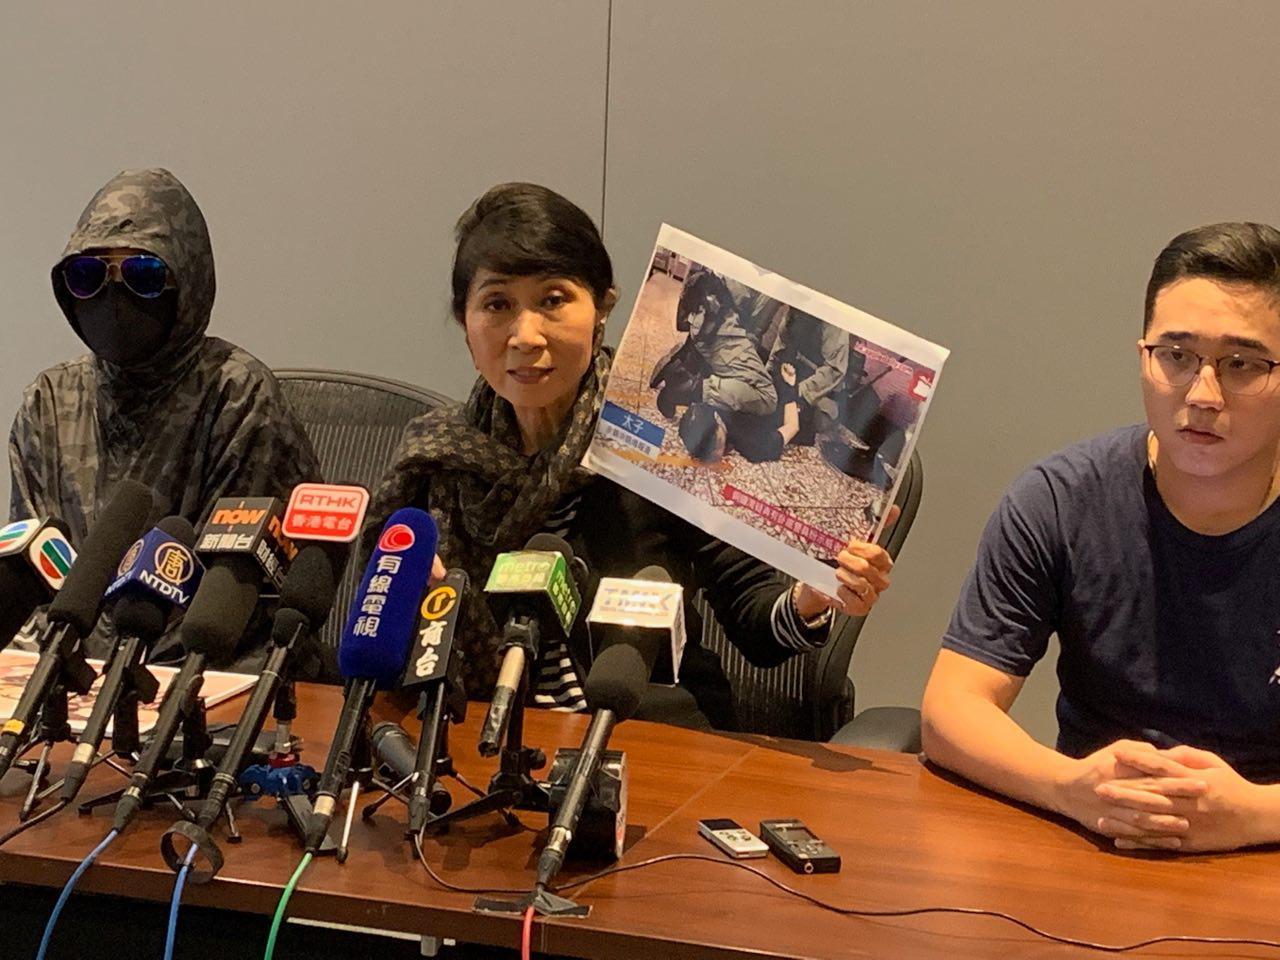 831黑夜太子站女示威者龍小姐被性暴力,目擊示威者被打至口吐白沫不省人事。(駱亞/大紀元)